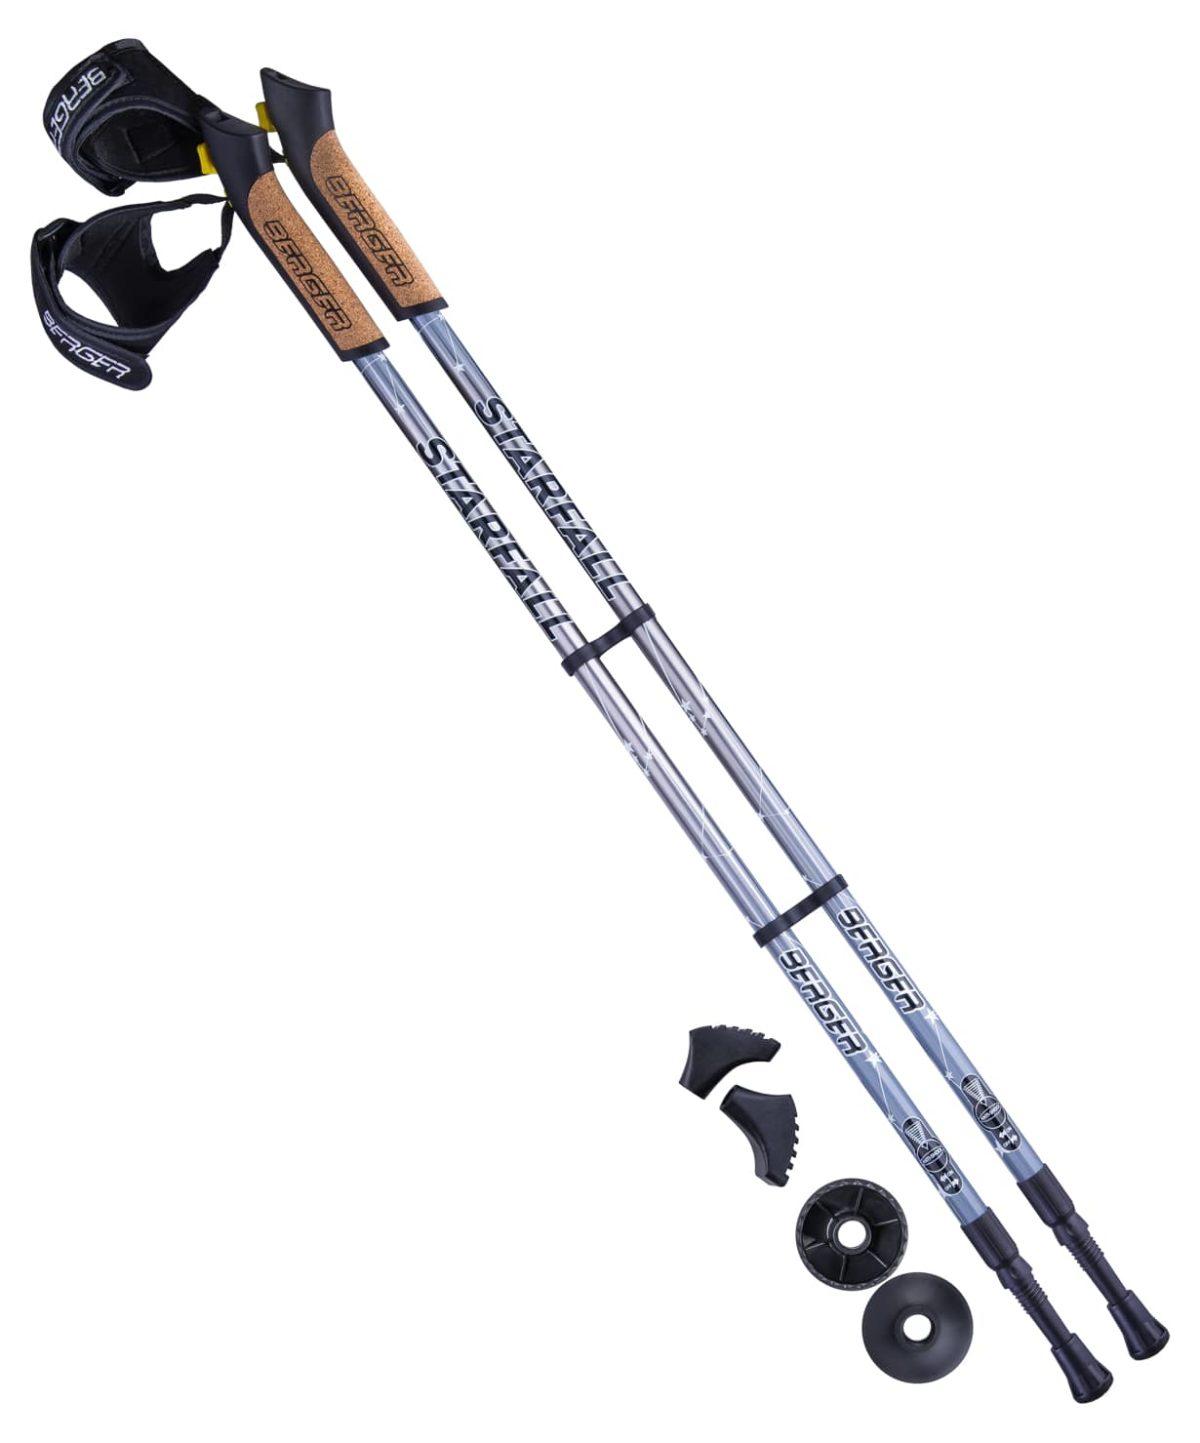 BERGER Starfall Палки для скандинавской ходьбы, 77-135 см: серый/чёрный/белый - 1